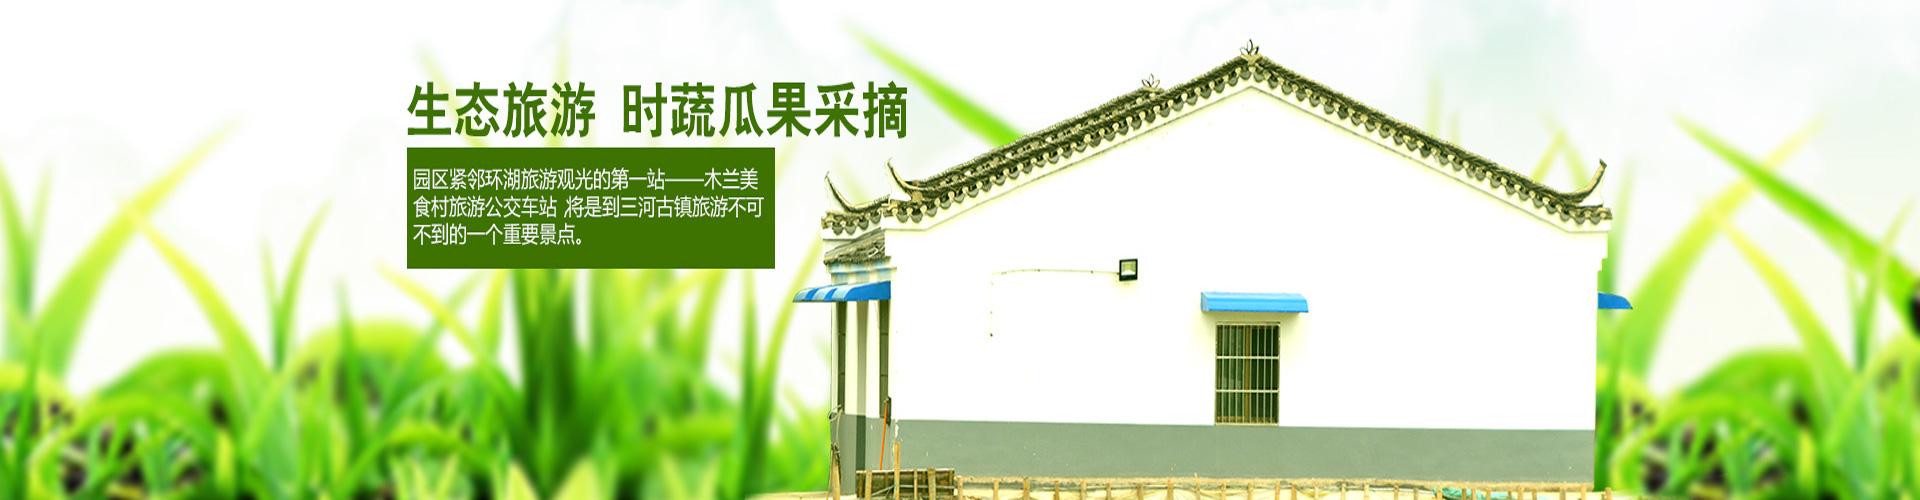 合肥木兰生态农业有限责任公司-banner